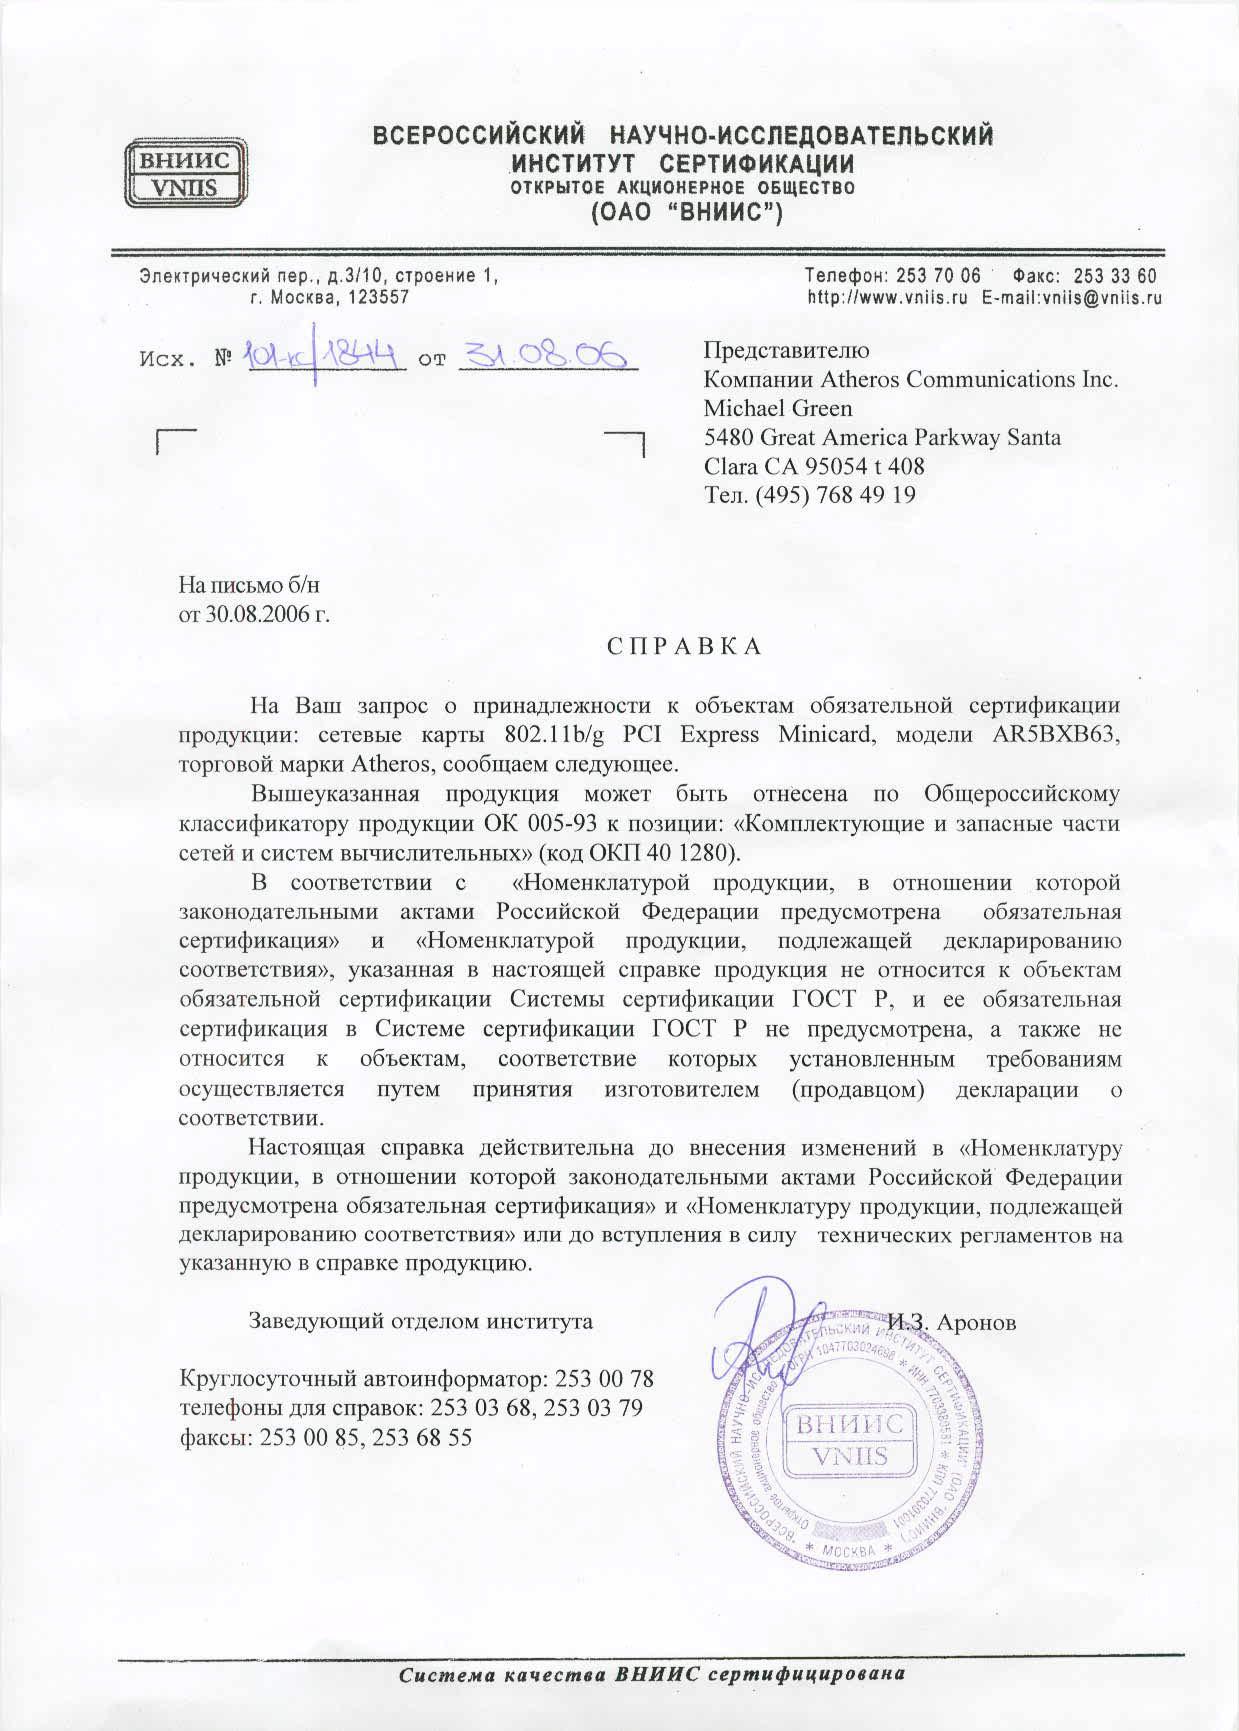 海关联盟豁免函,海关联盟拒绝信,豁免函,俄罗斯海关豁免函(VNIIS)